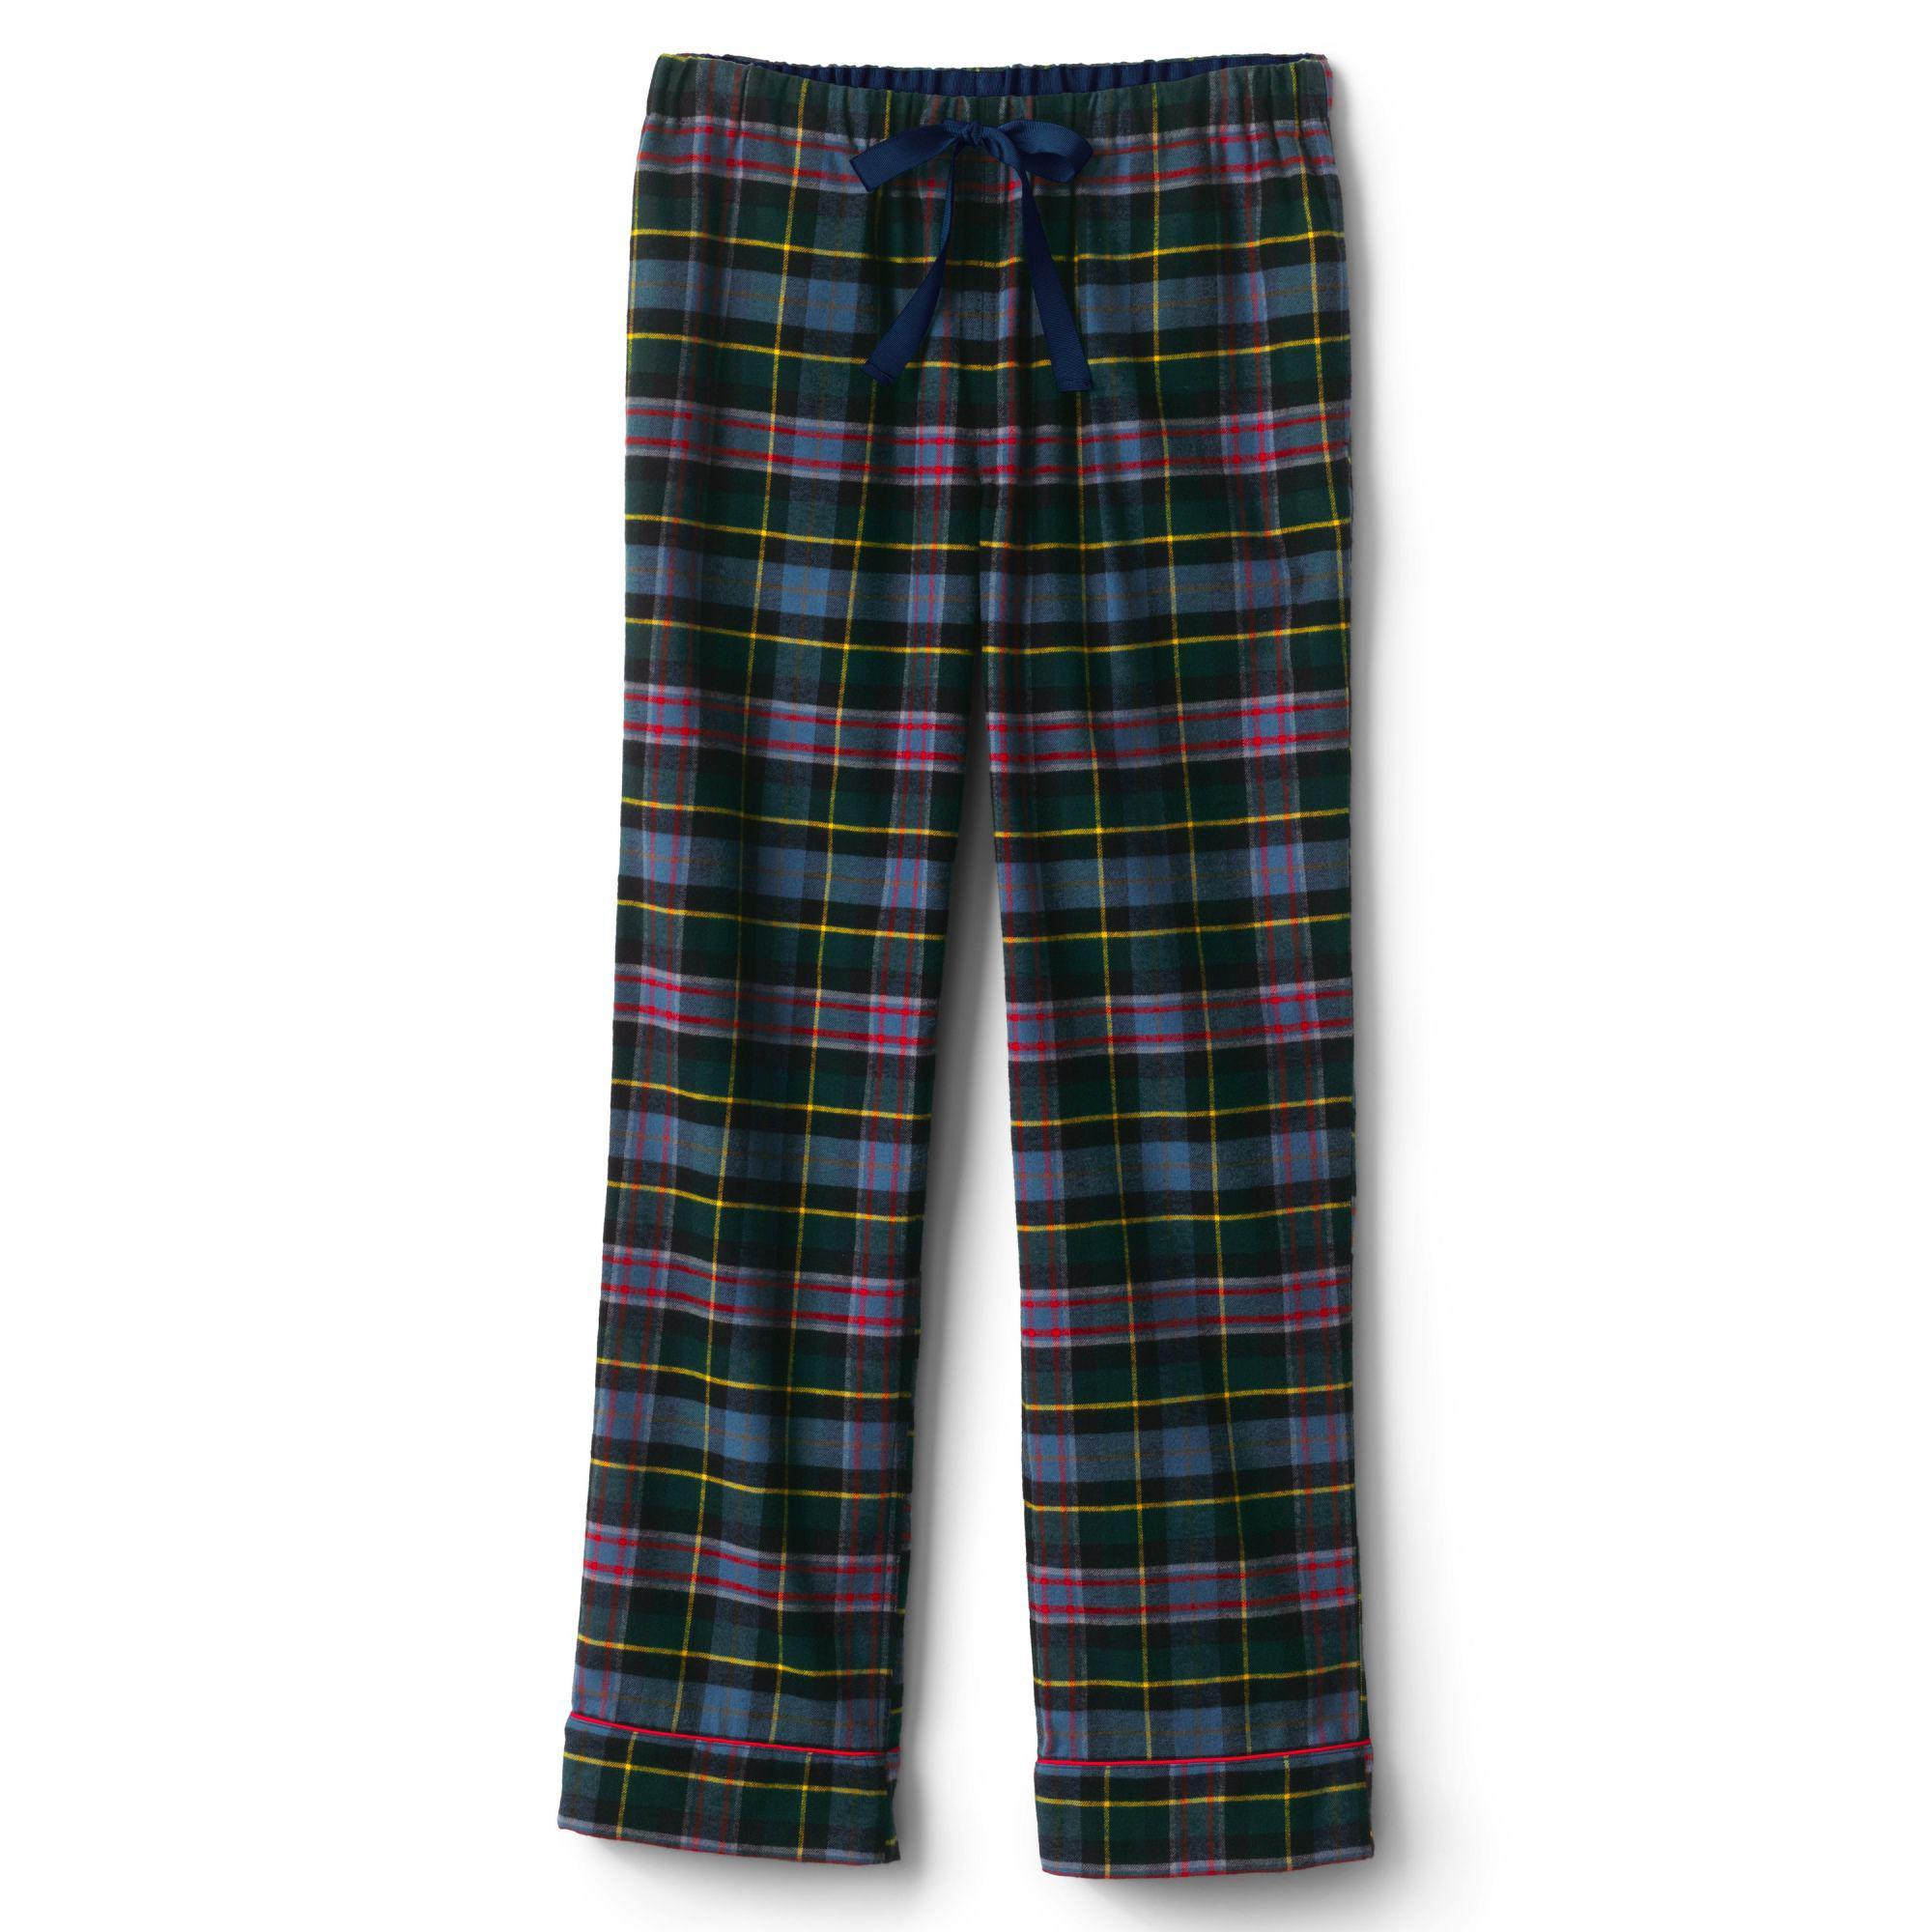 612e691d85 Lands  End Black Plus Plaid Flannel Pyjama Bottoms in Black - Lyst